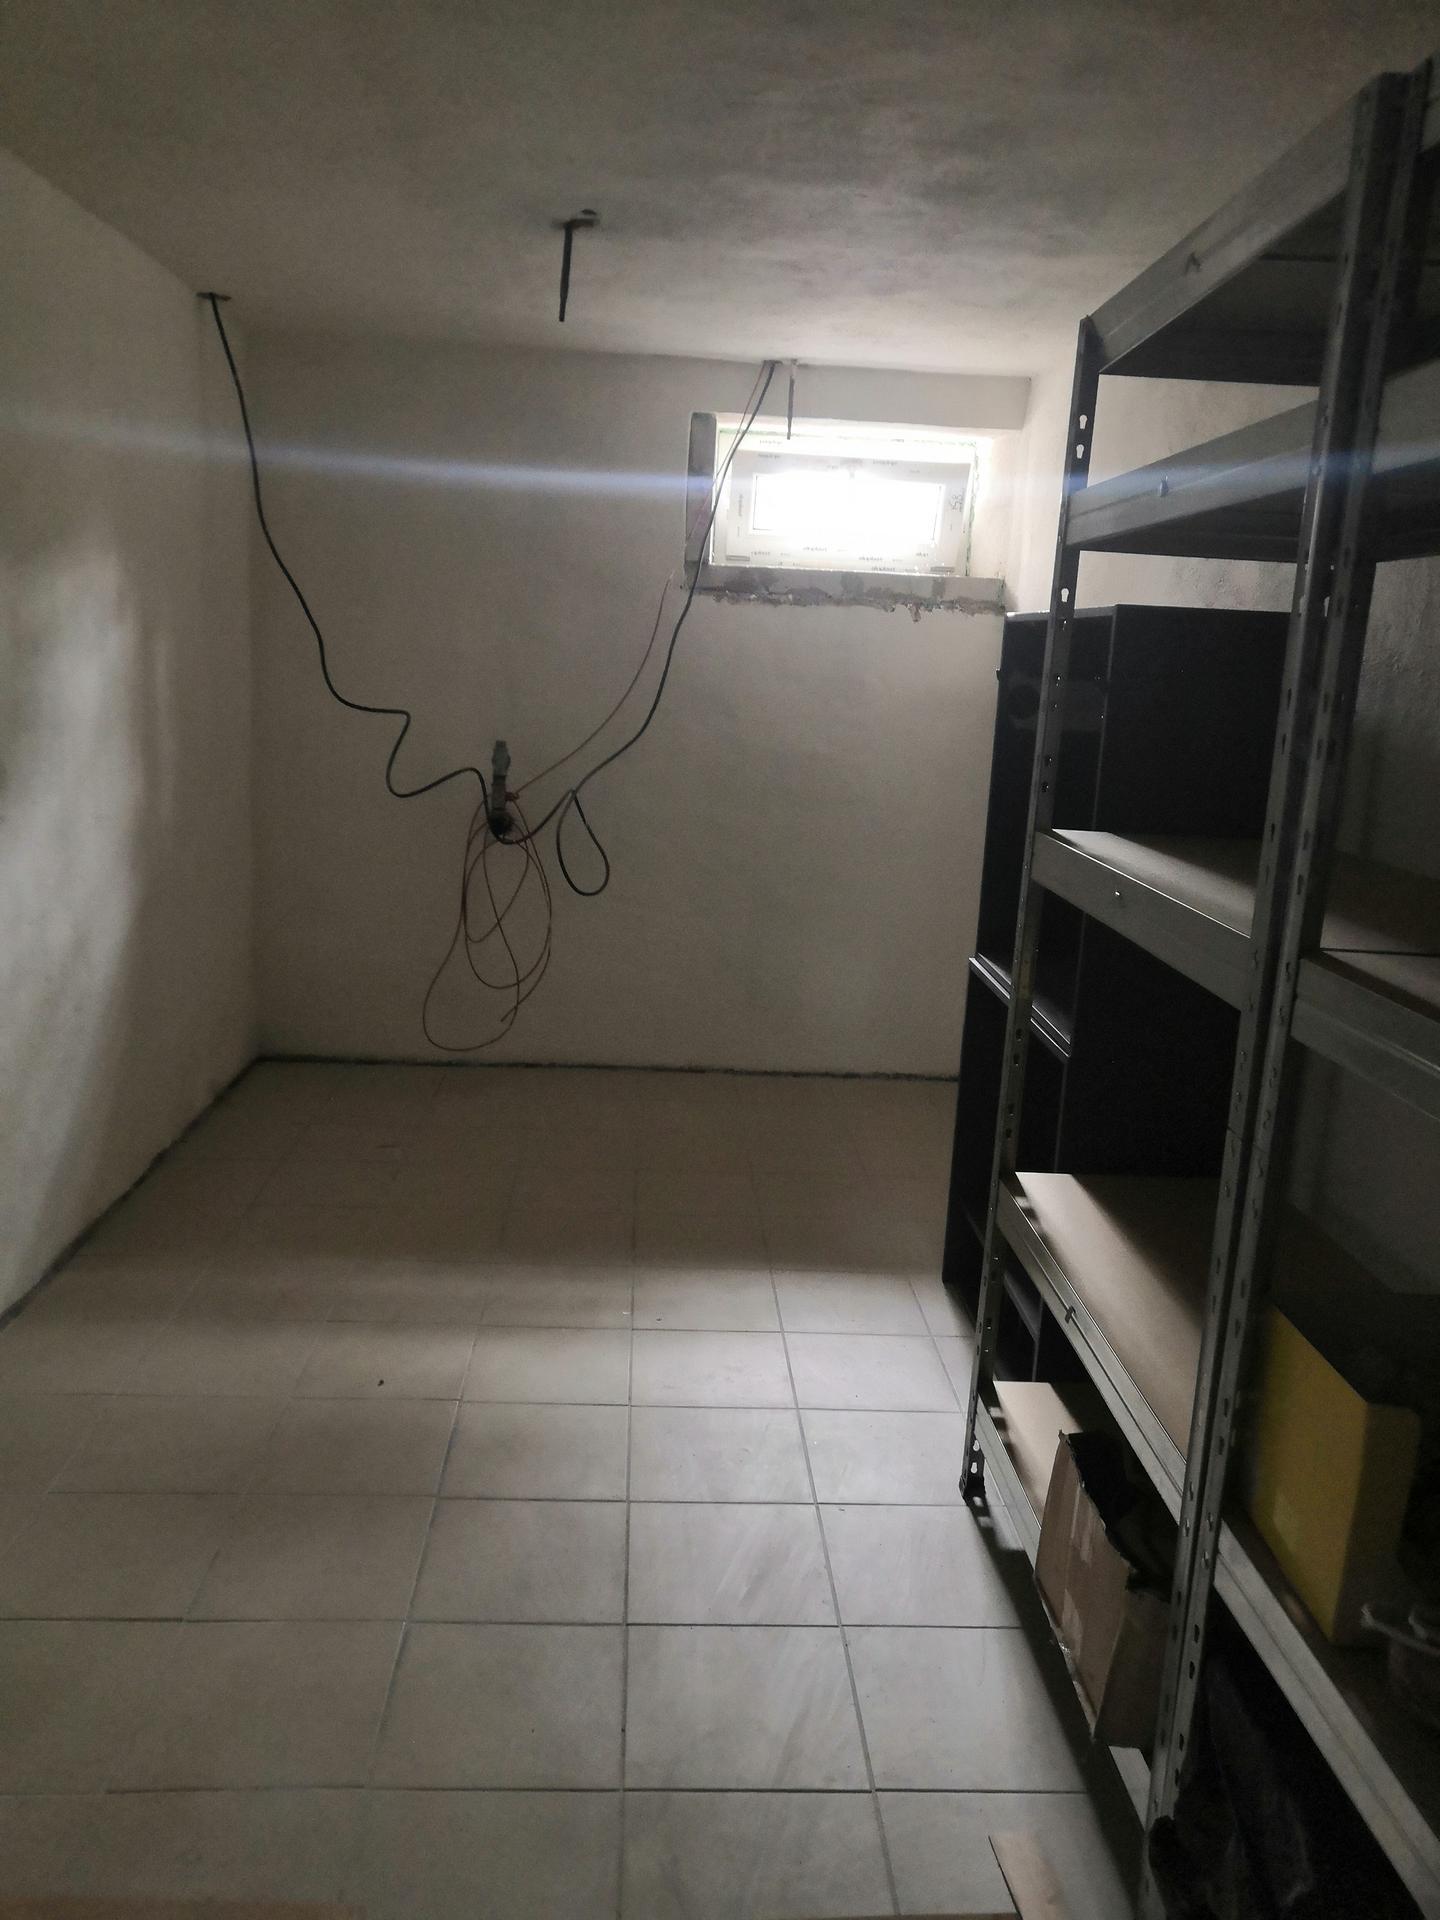 Suterén - Vymalovaná a vydlážděná menší místnost, postavené regály na provizorní sklad.